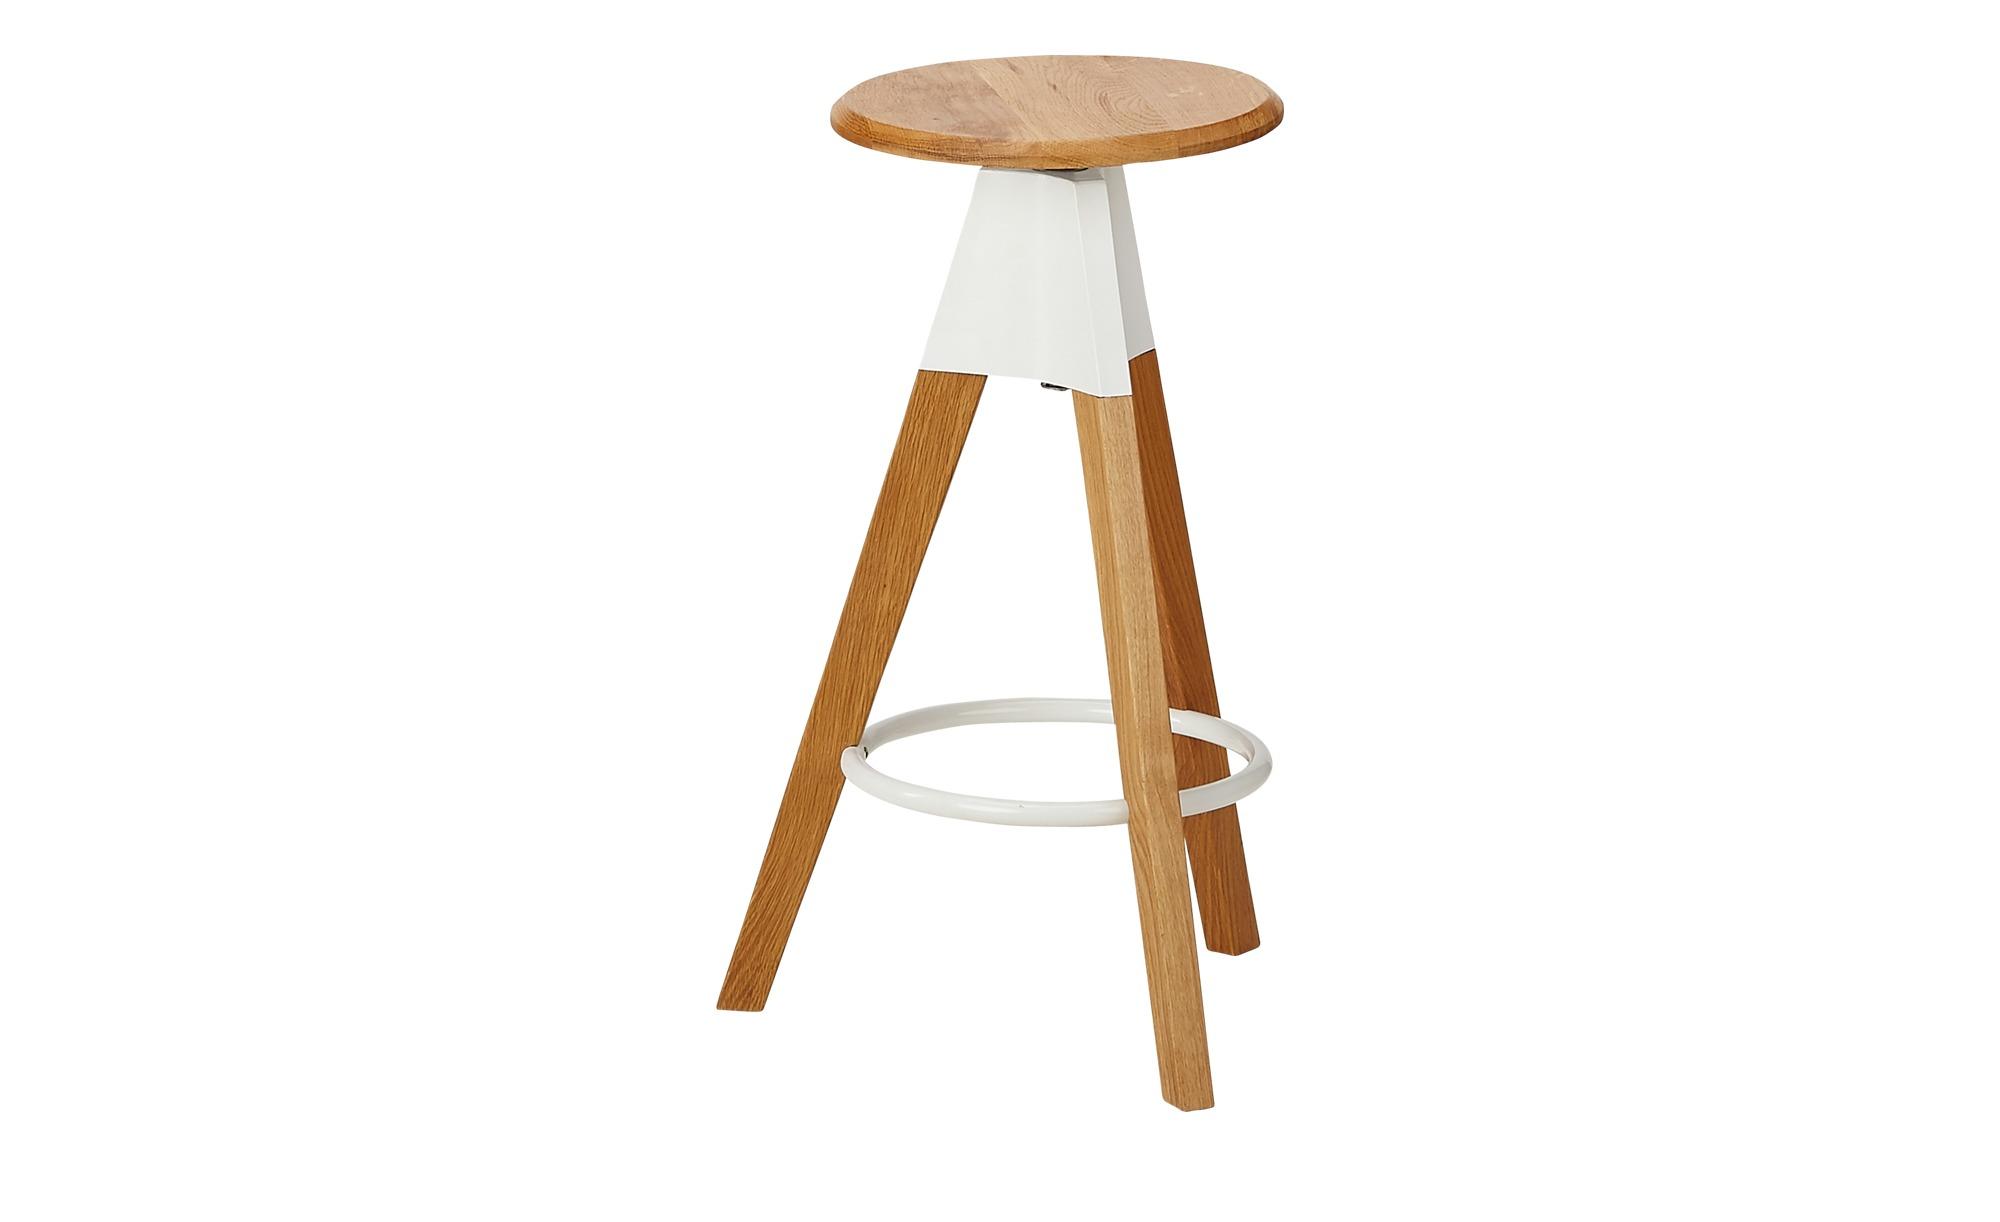 Barhocker verstellbar Eichenholz - holzfarben - Stühle > Barhocker - Möbel günstig online kaufen